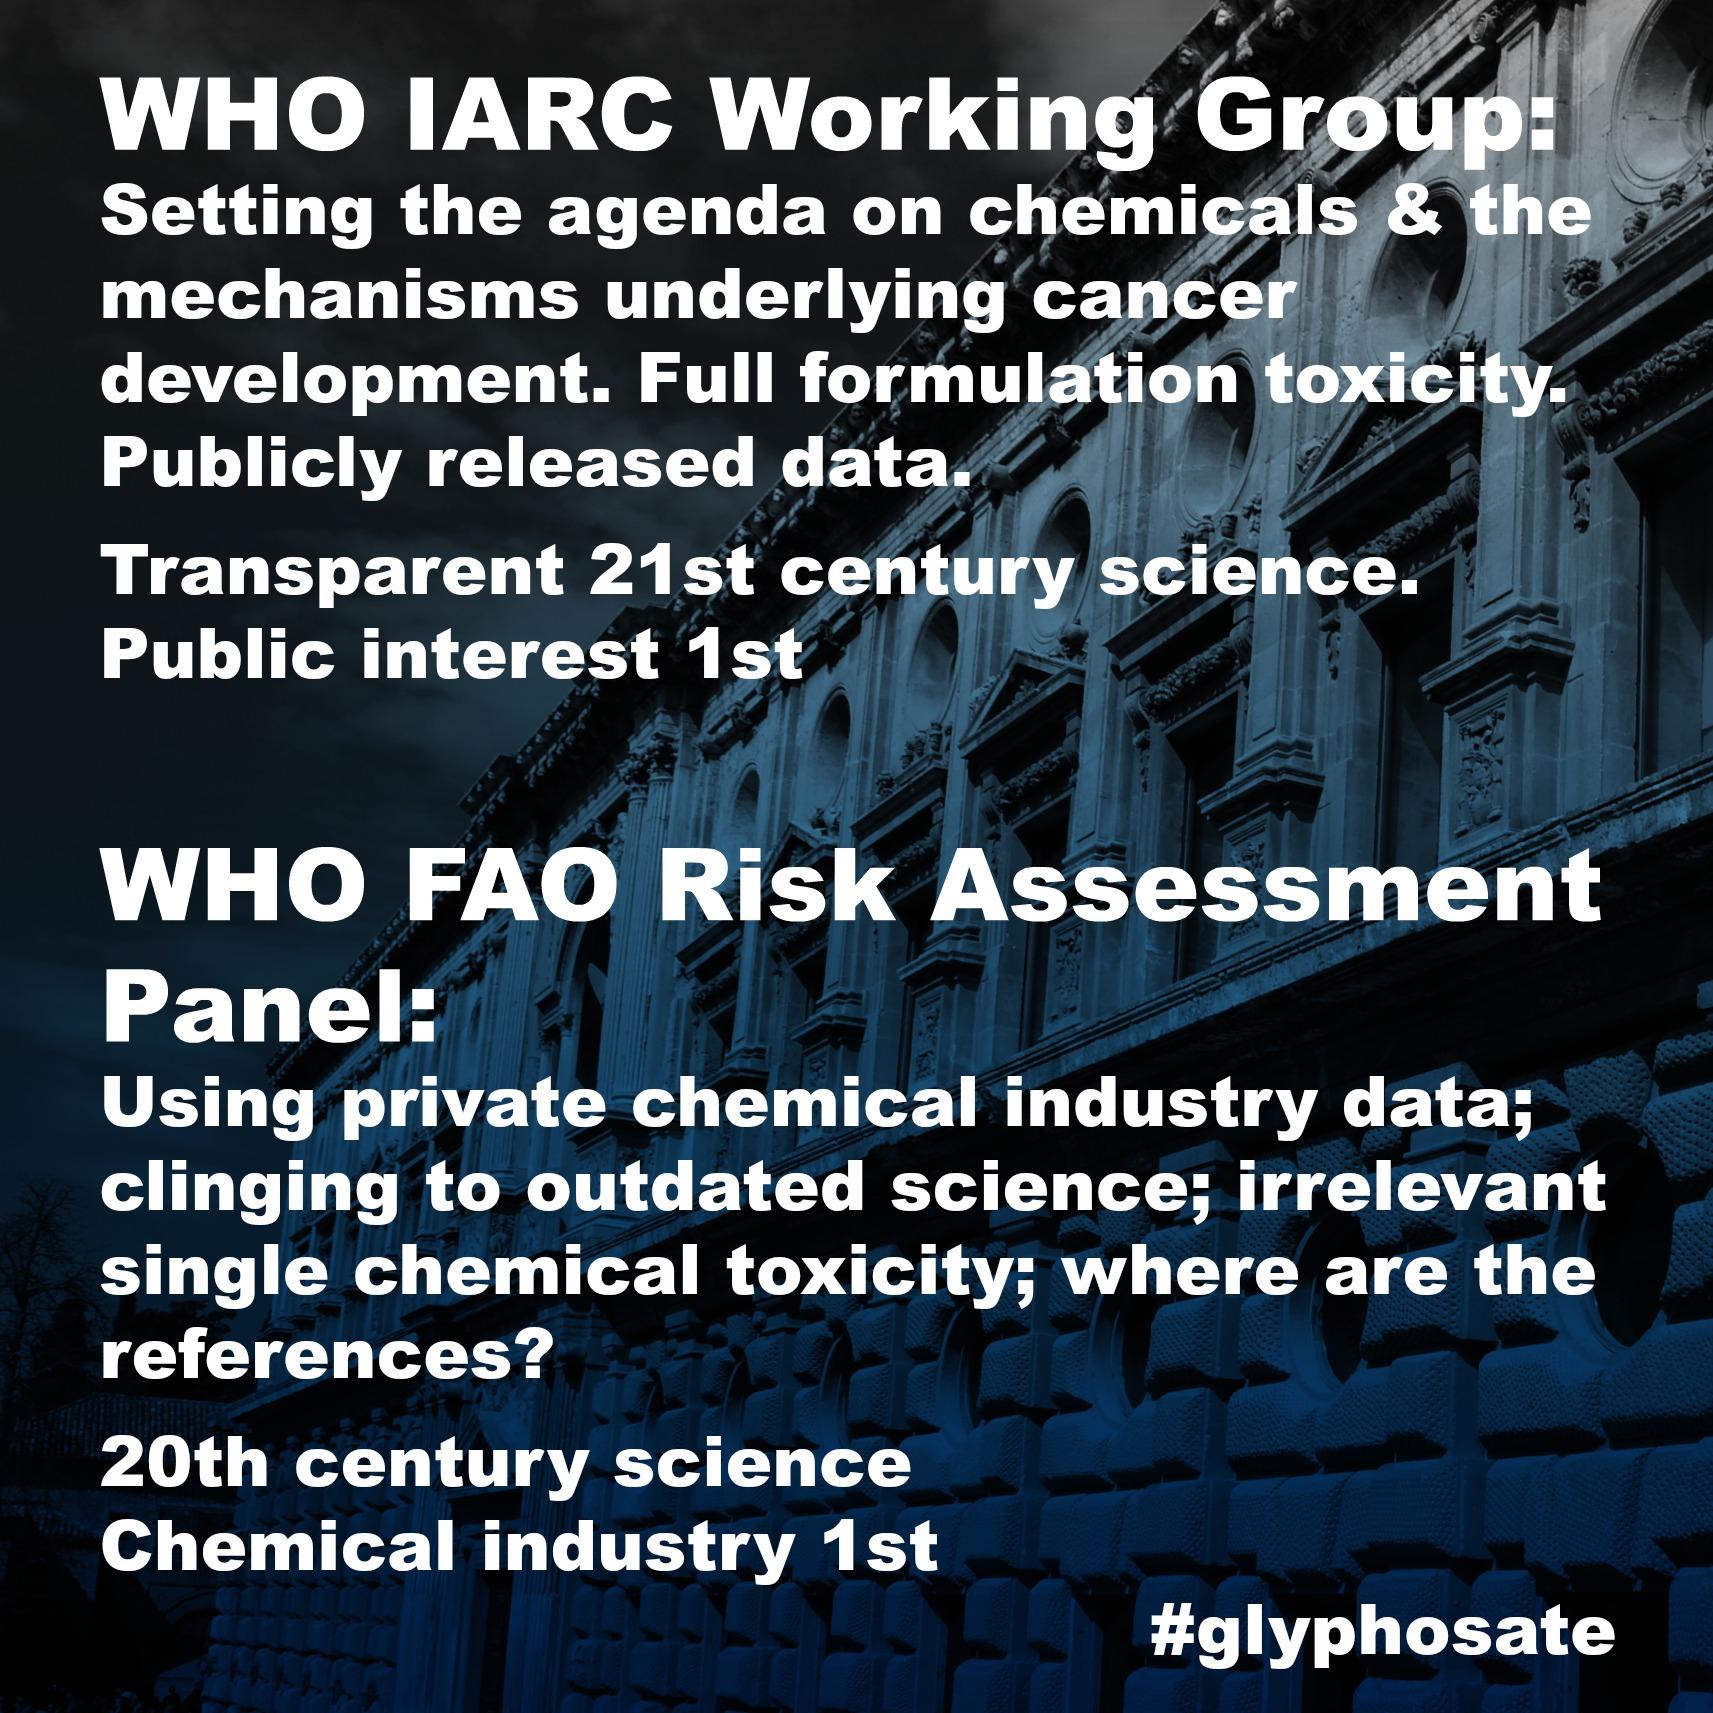 glyphosate IARC WHO